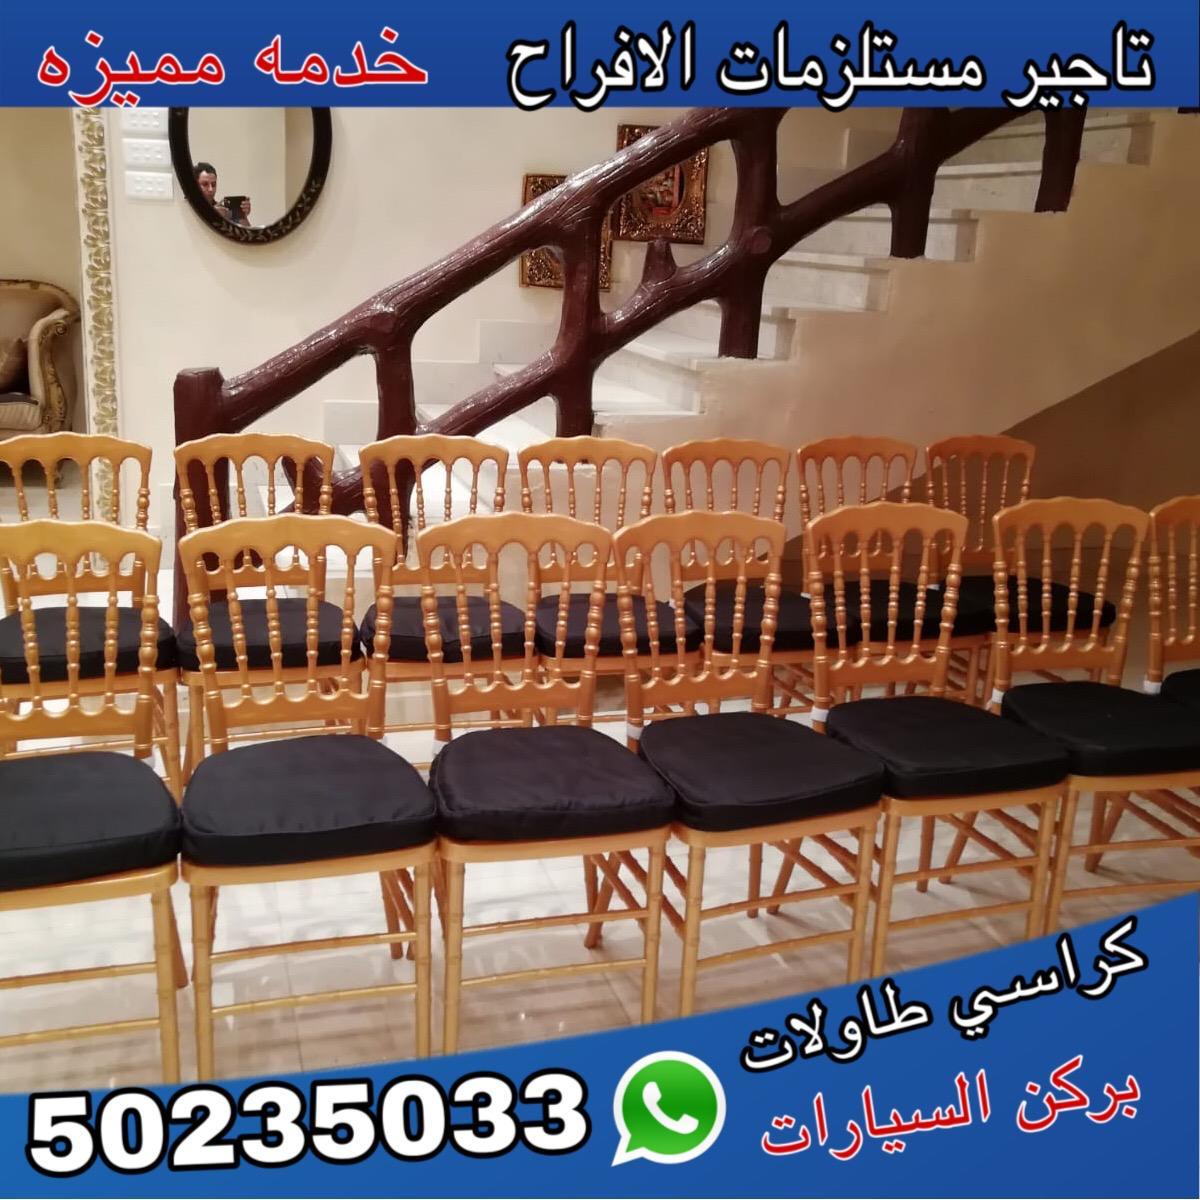 تأجير كراسي للعزاء الكويت | 50235033 | الفخامة الكويتية